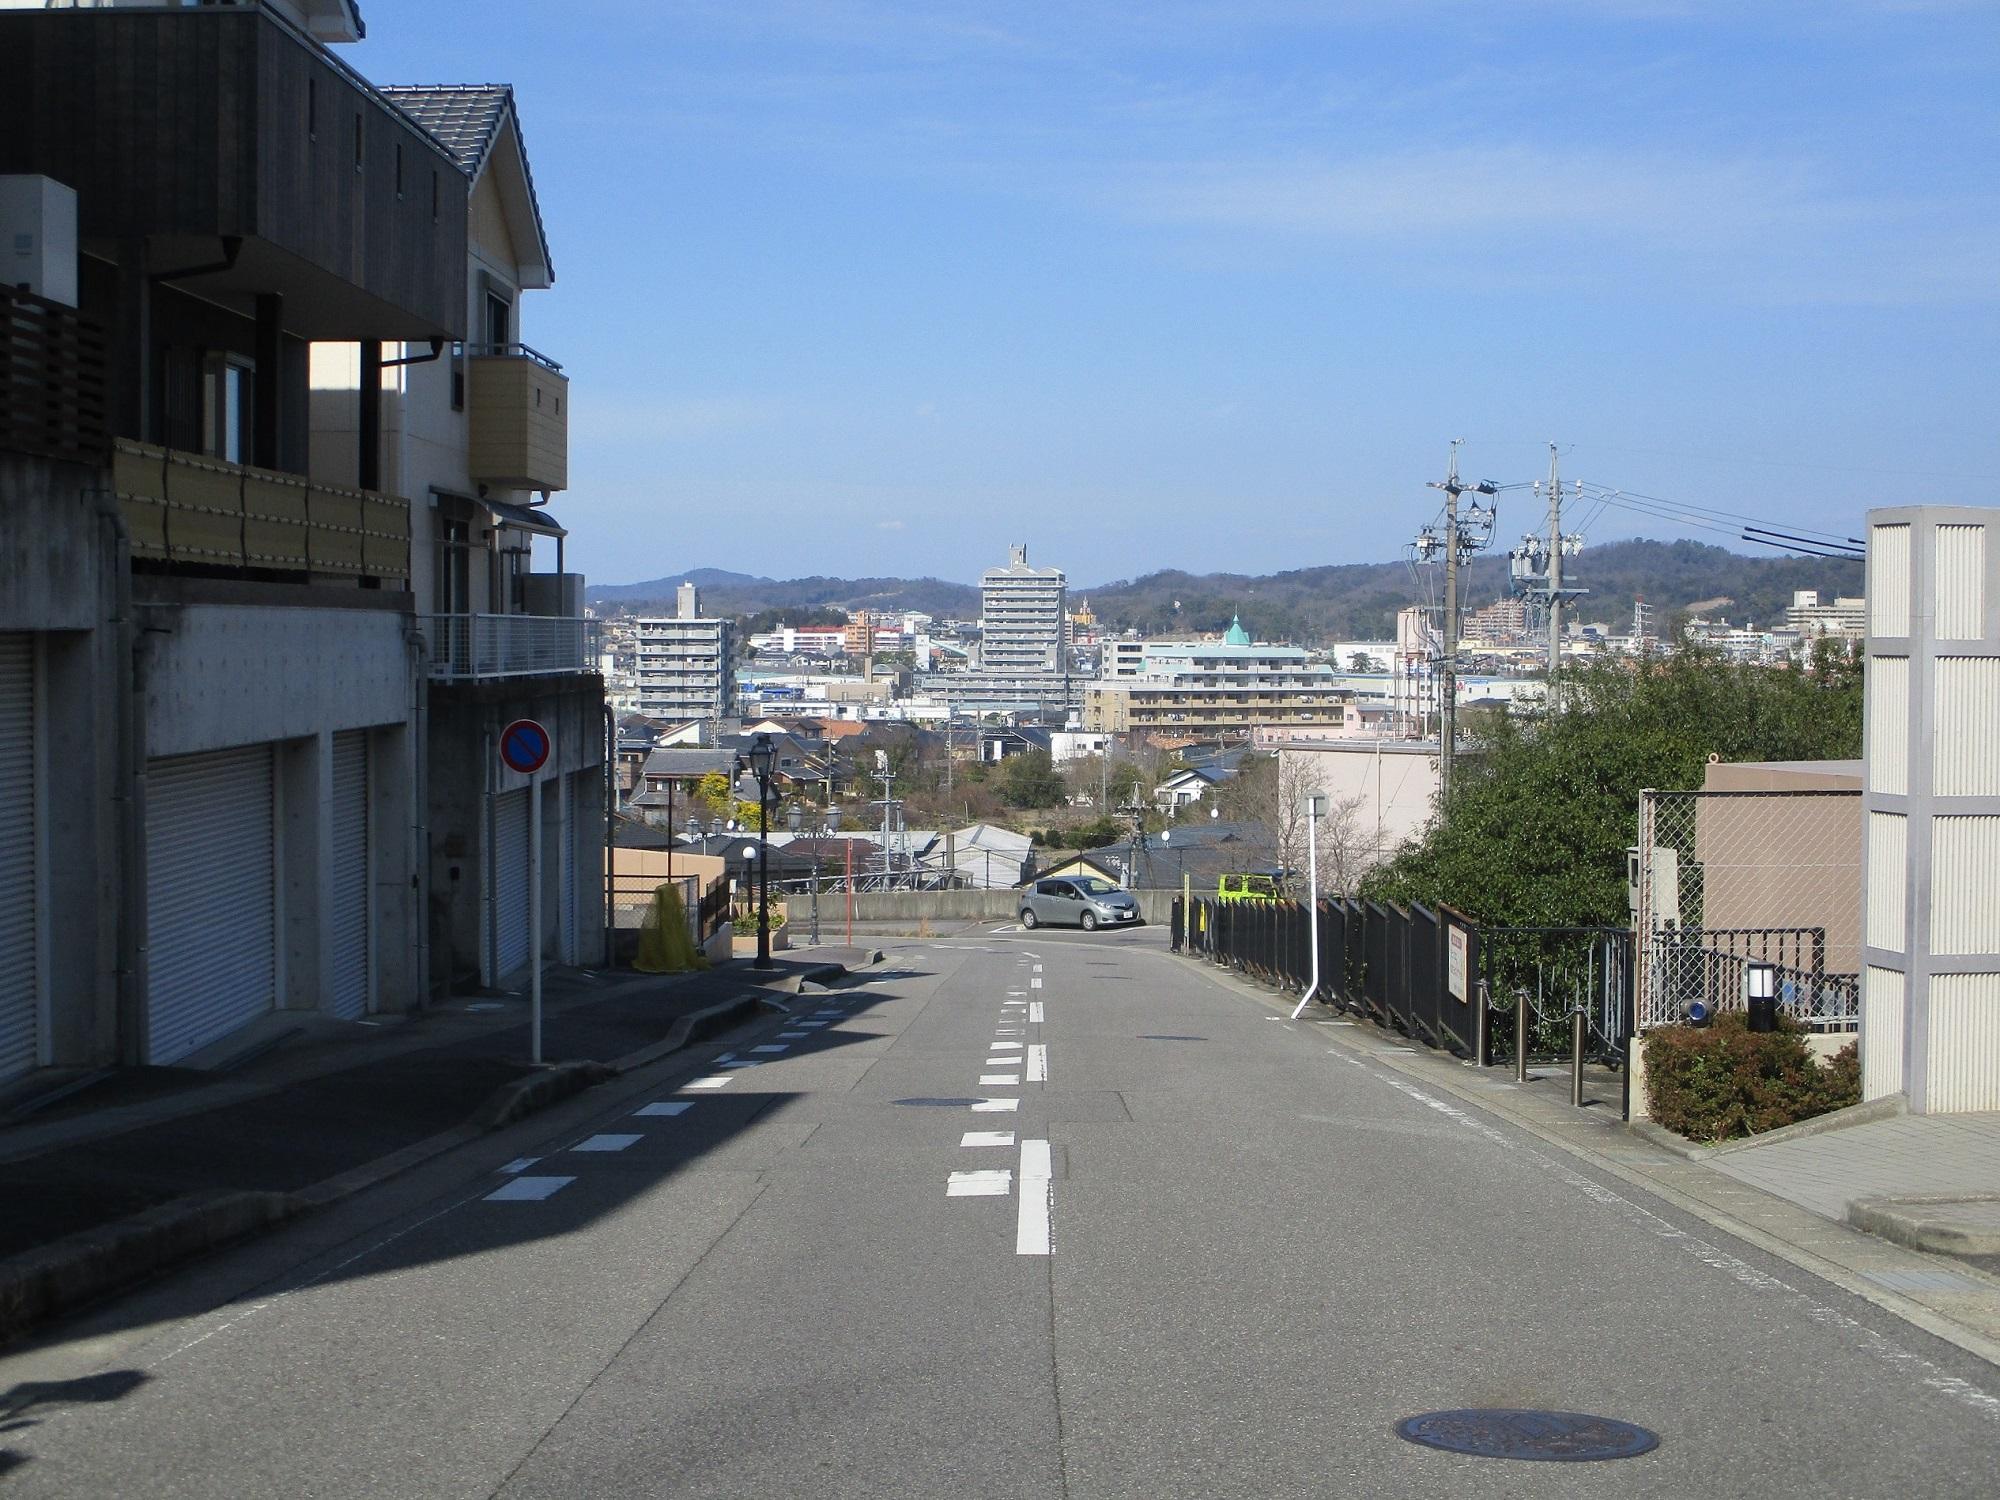 2020.3.7 (22) 竜美新町のさかみちからきたをみおろす 2000-1500